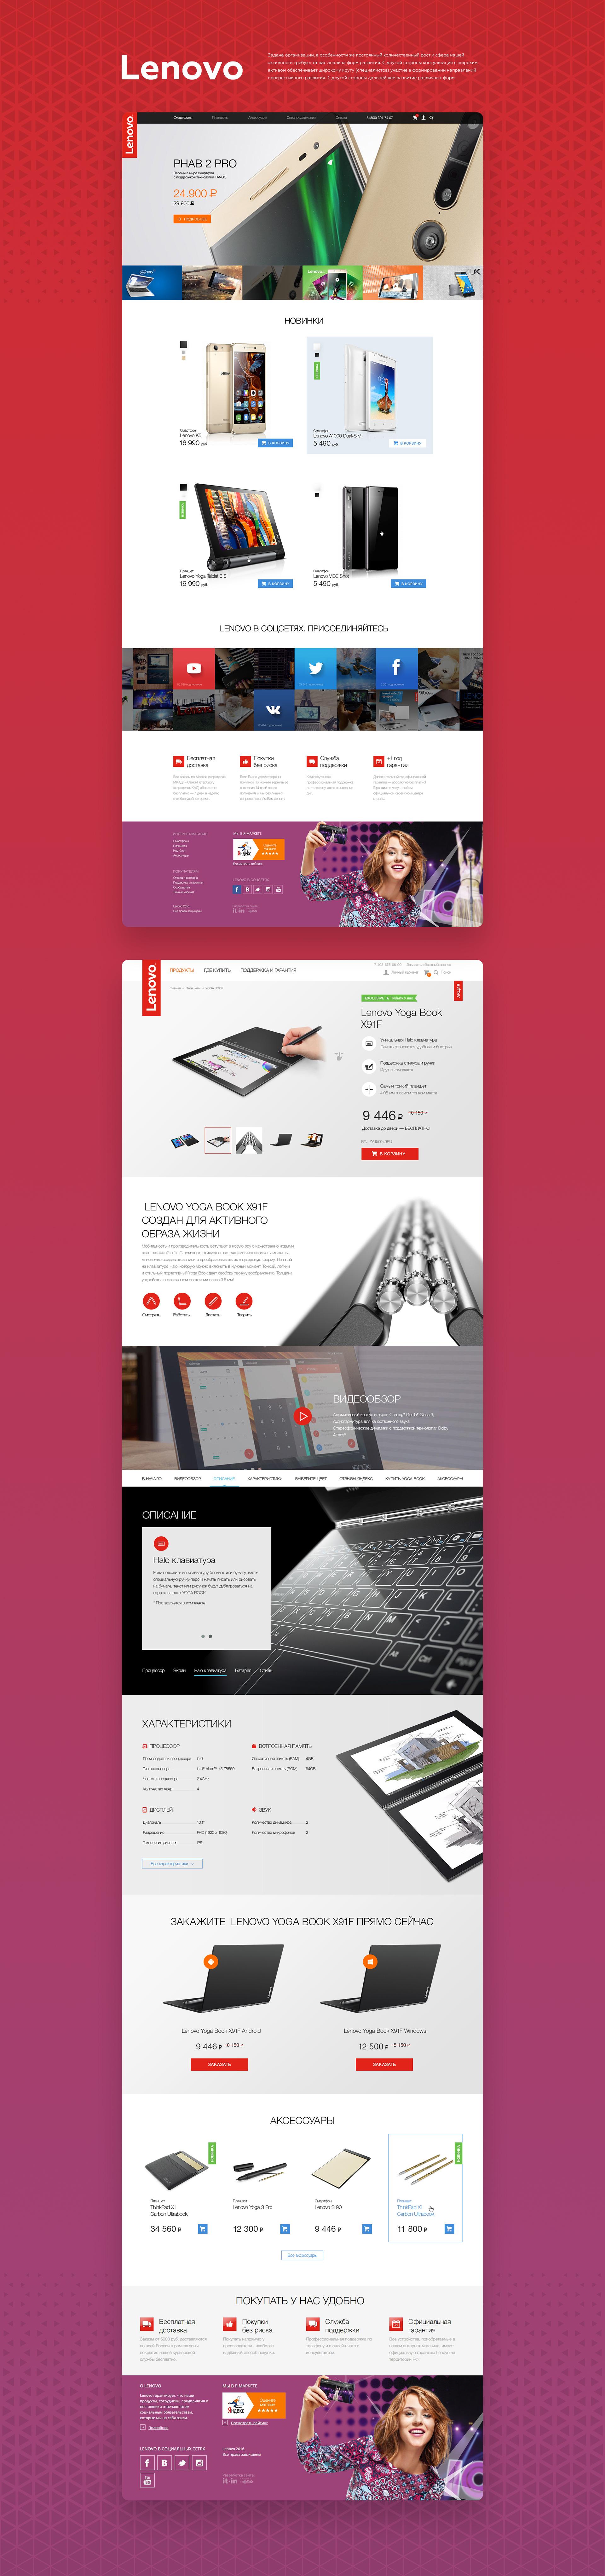 Интернет-магазин Lenovo